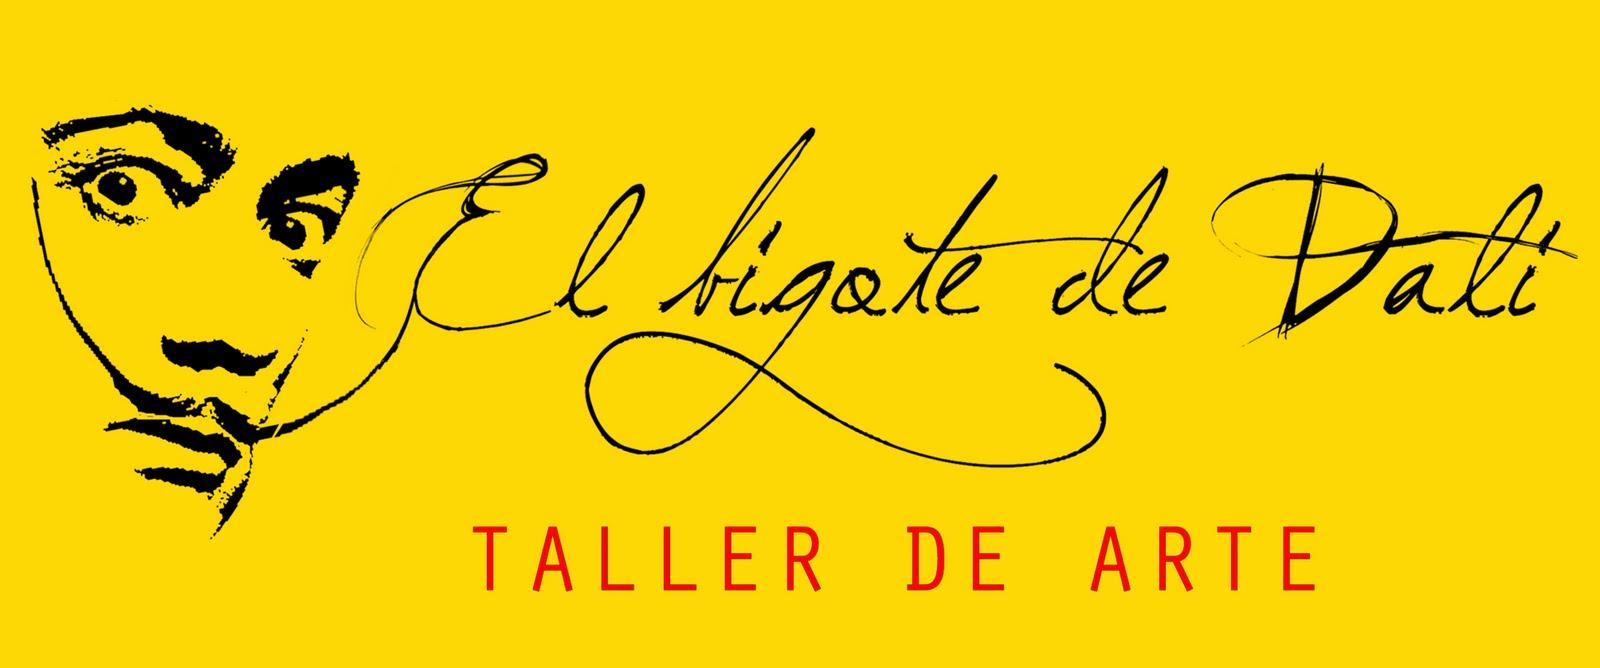 Taller de Arte El Bigote de Dalí